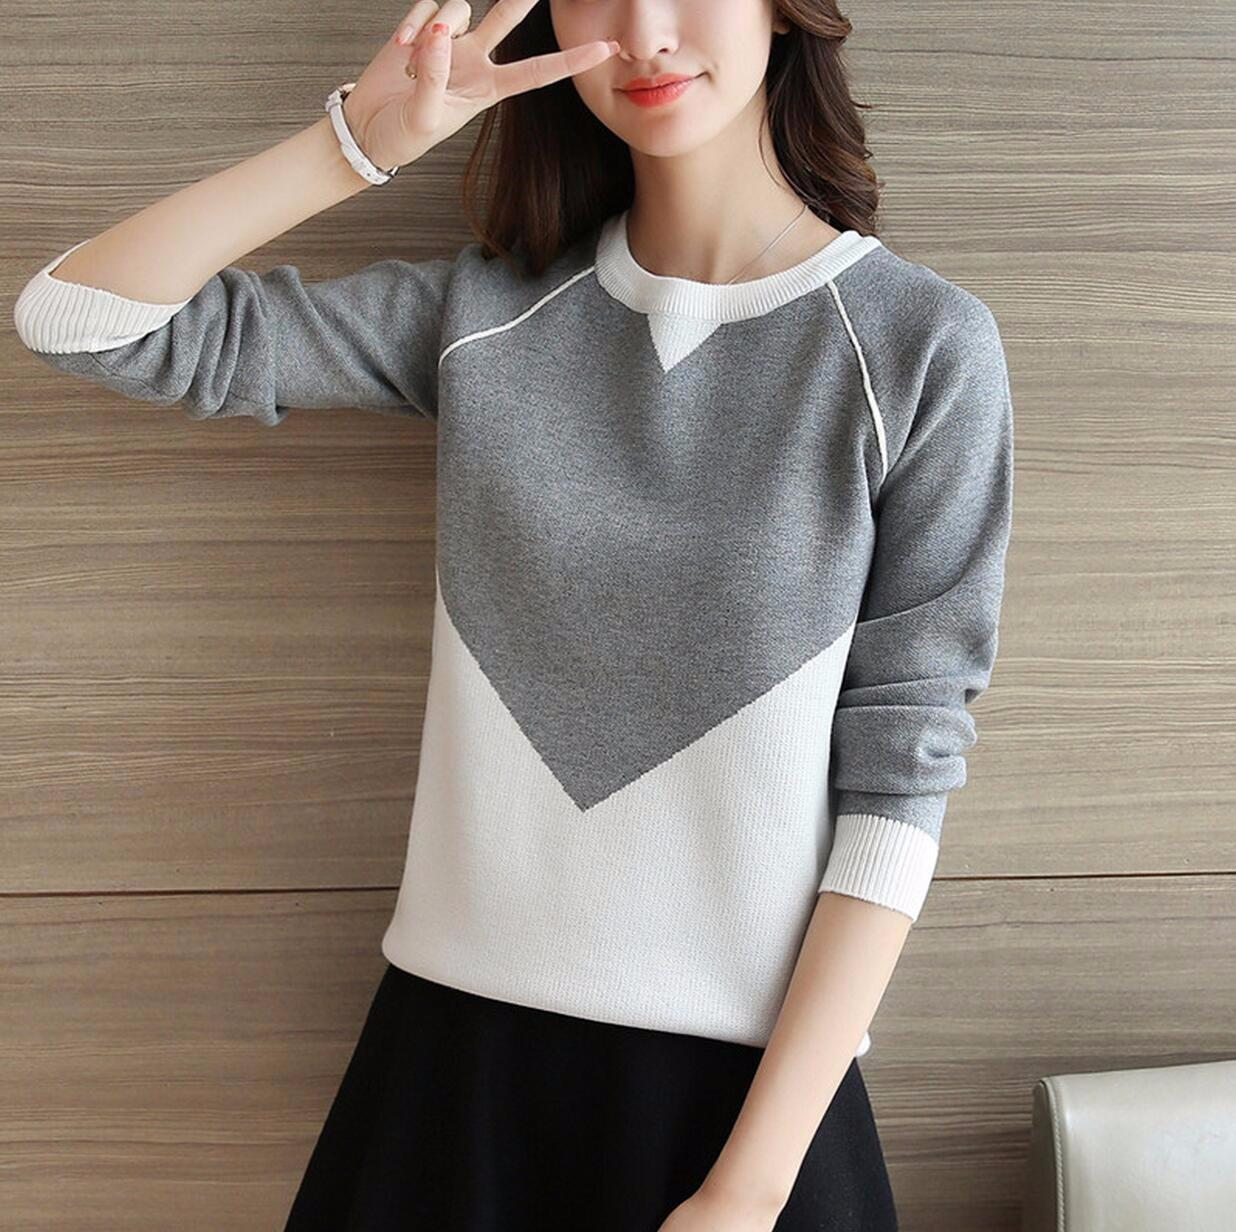 ファッションレディースシンプル可愛いセーター洋服ニット-1